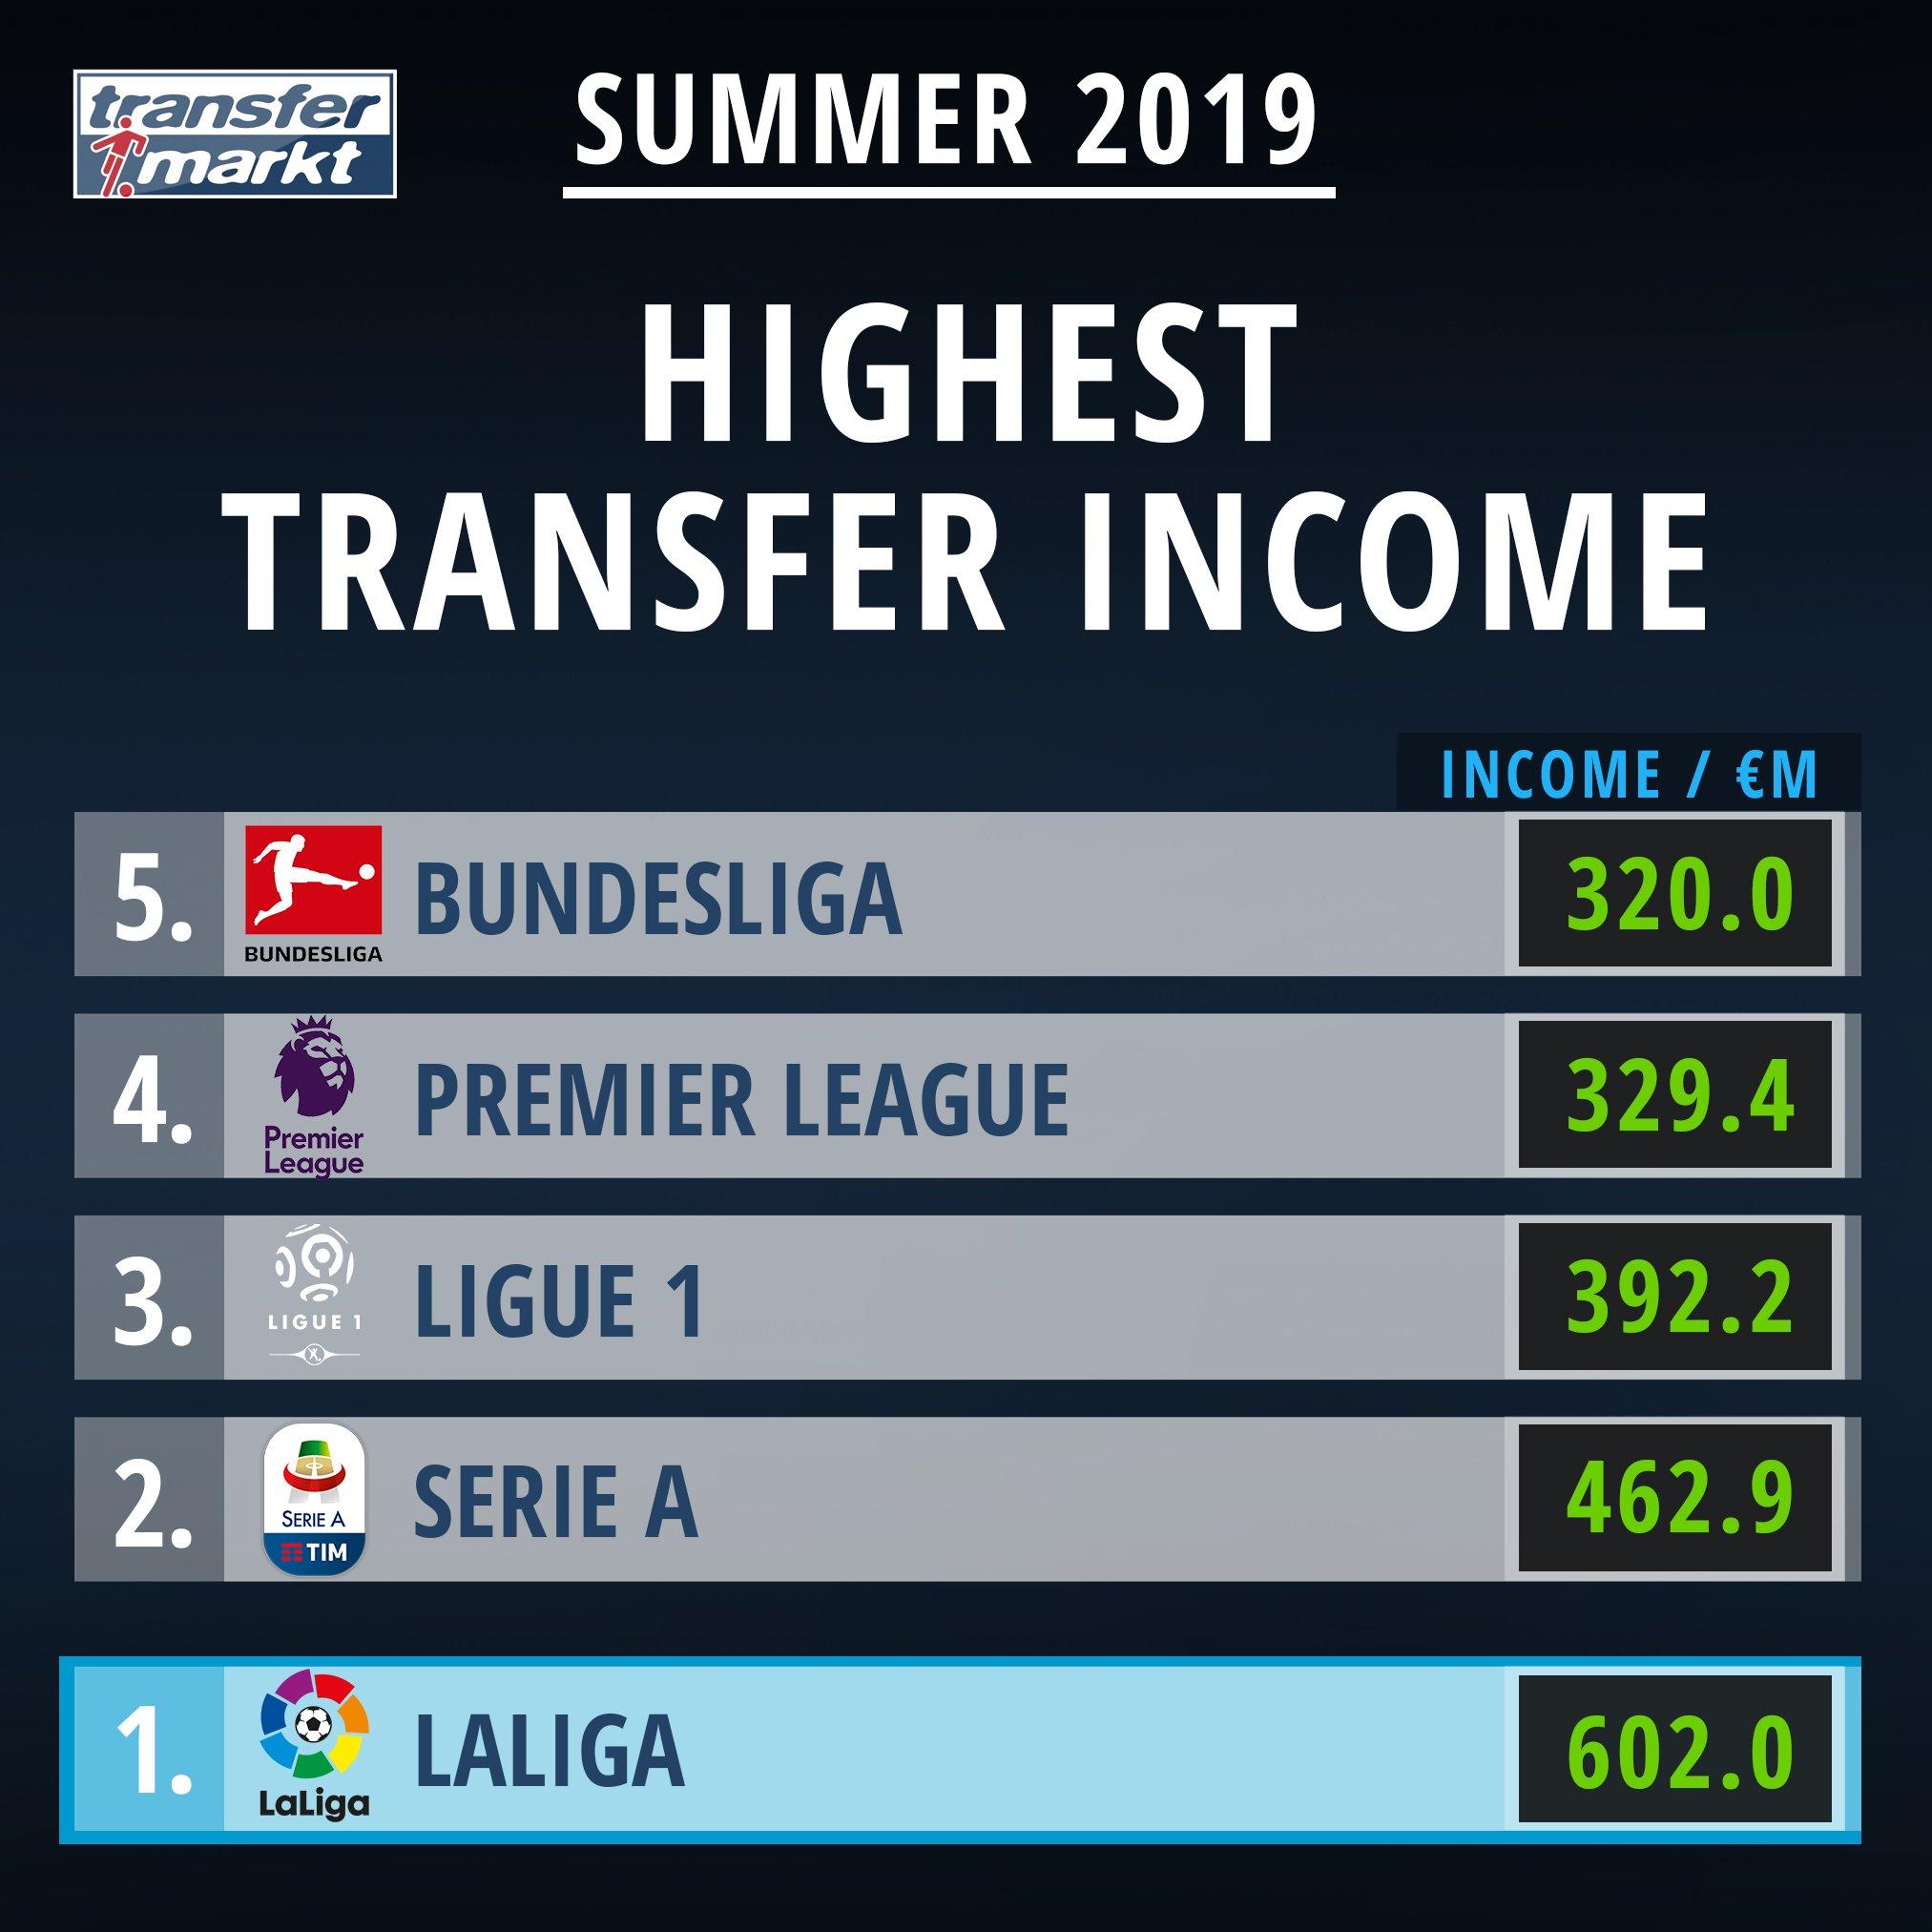 夏转至今各联赛收入排行:西甲意甲法甲前三,英超第四